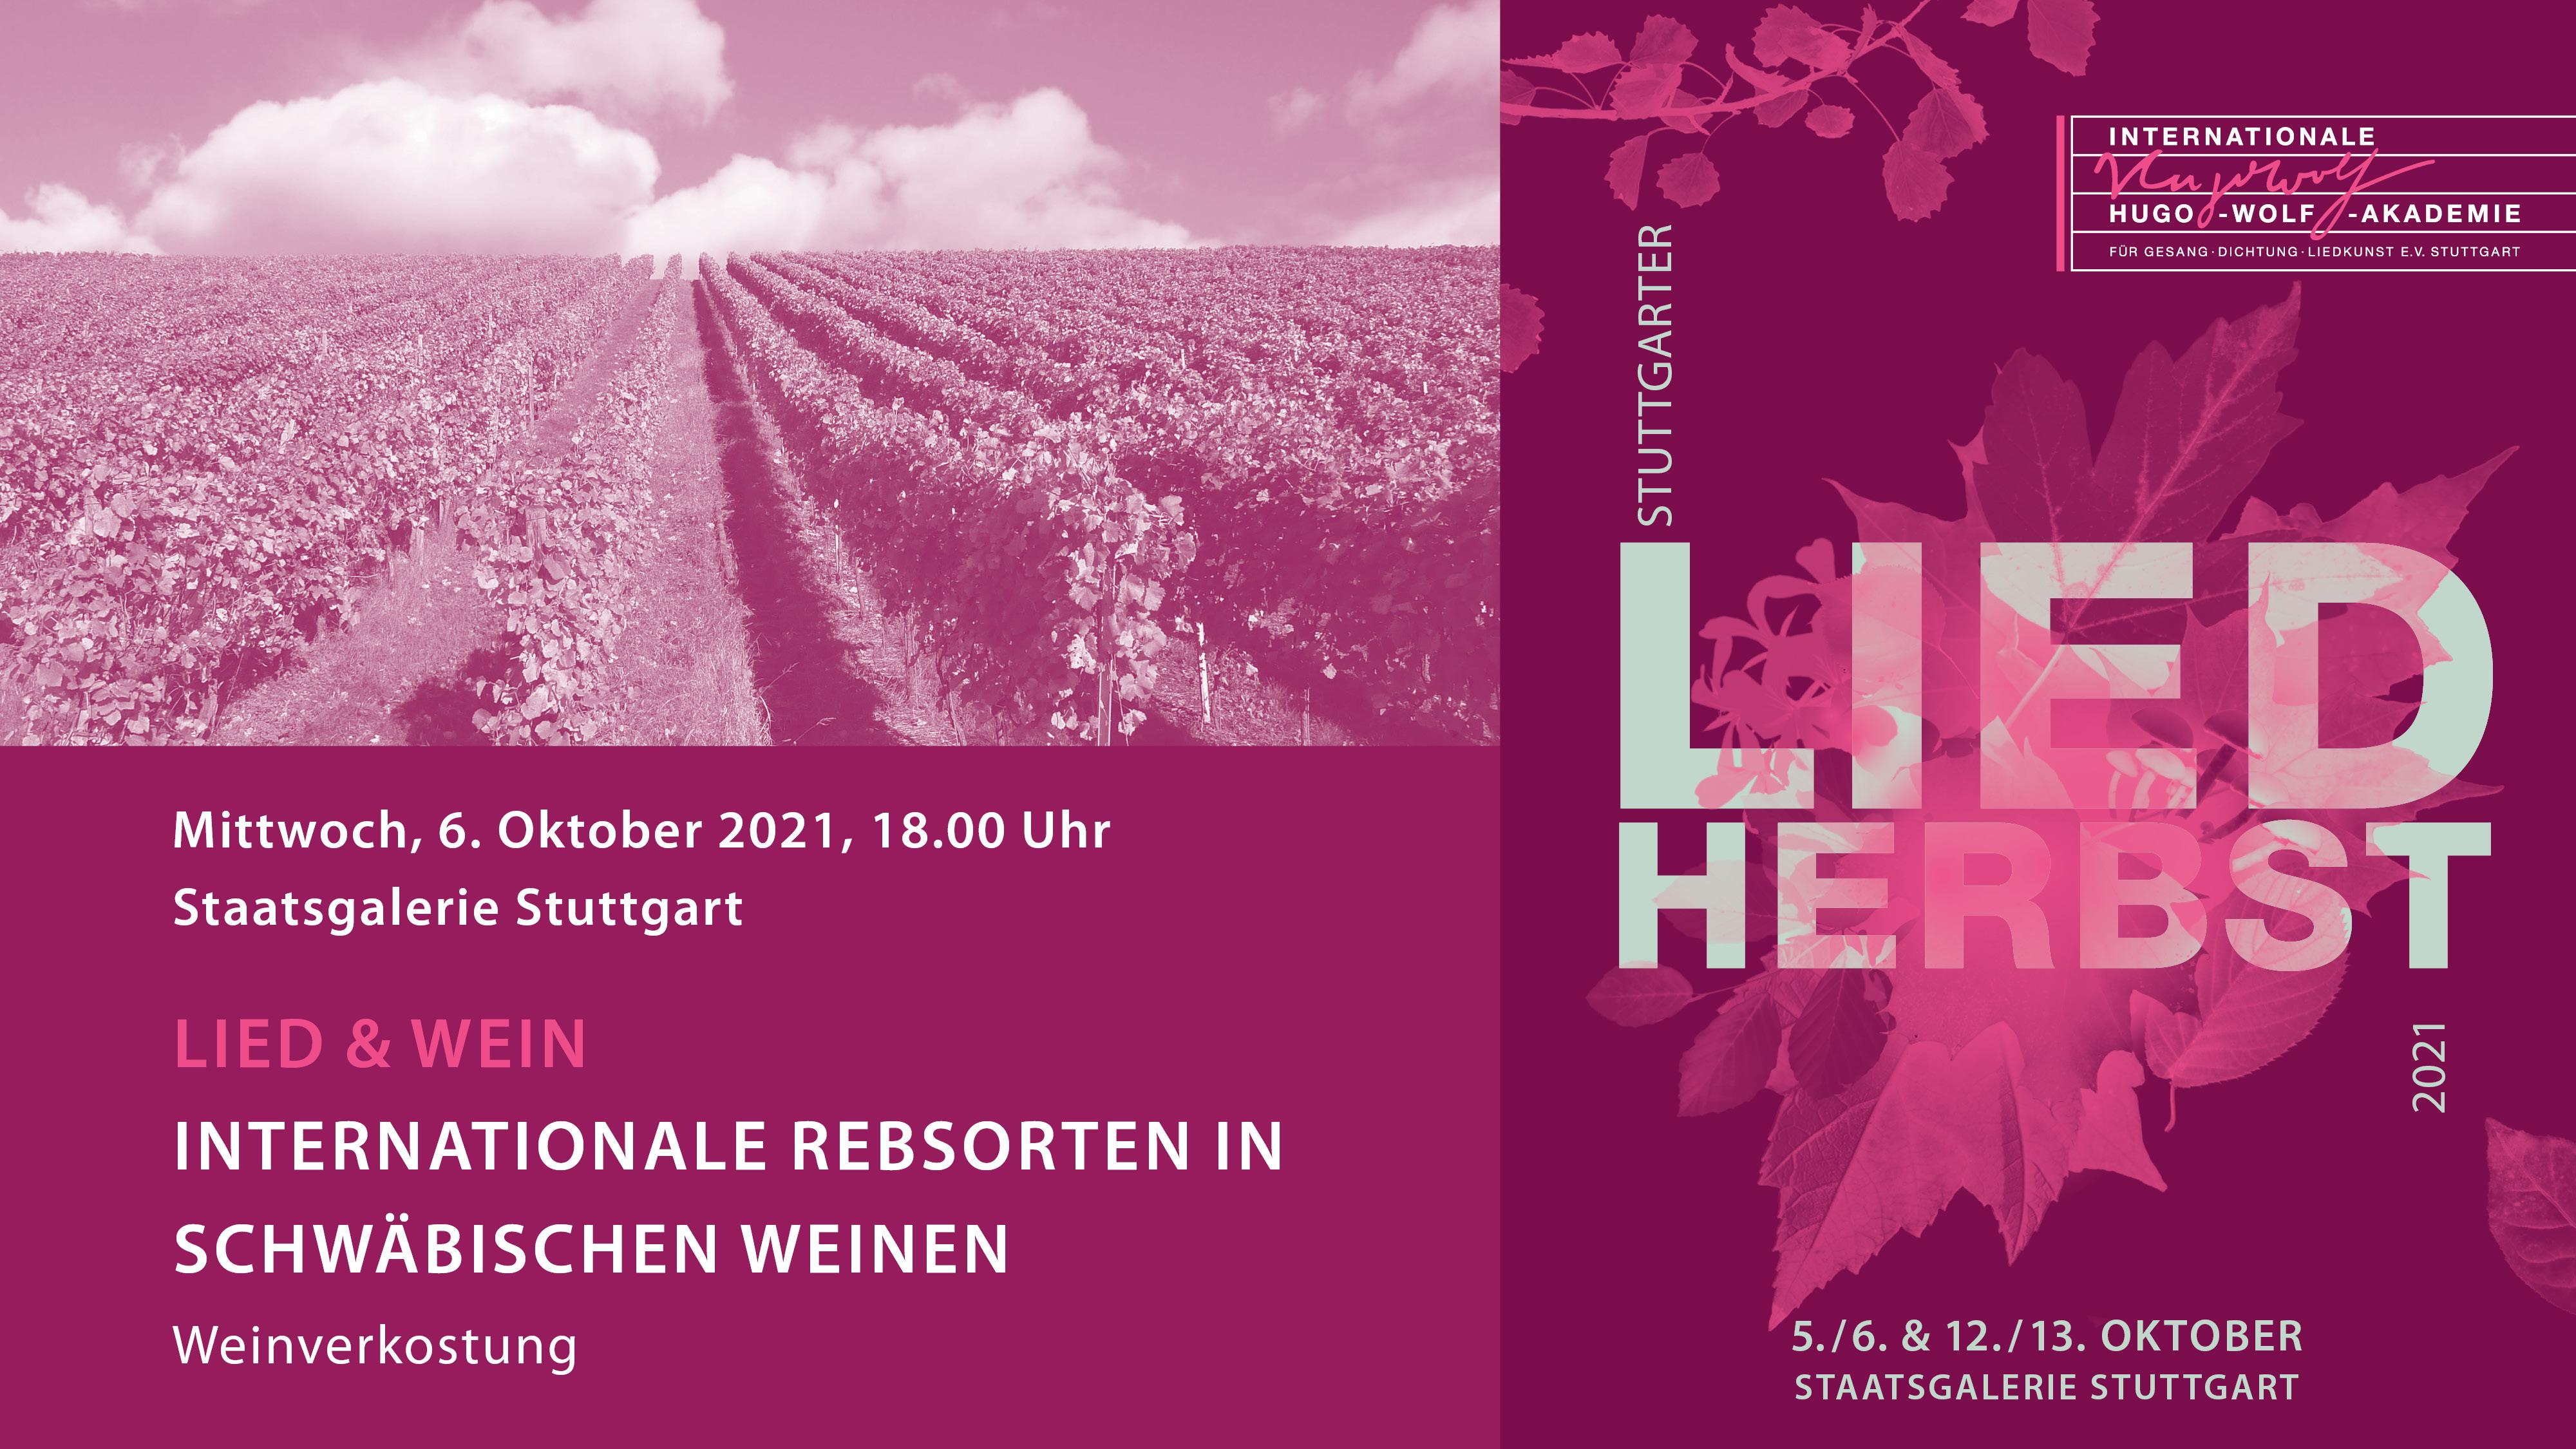 LiedHERBST: Lied & Wein II